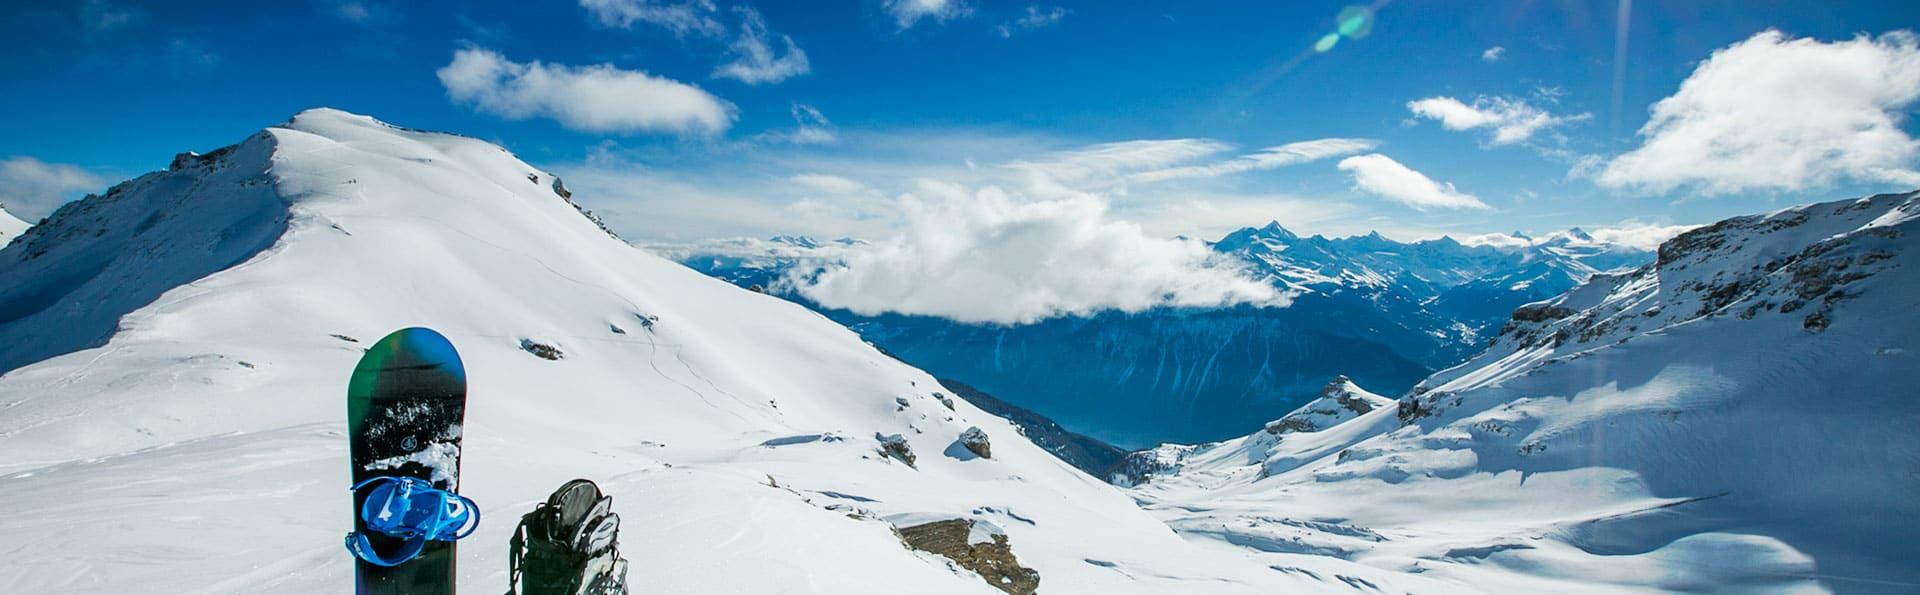 Heli Boarding in the Alps